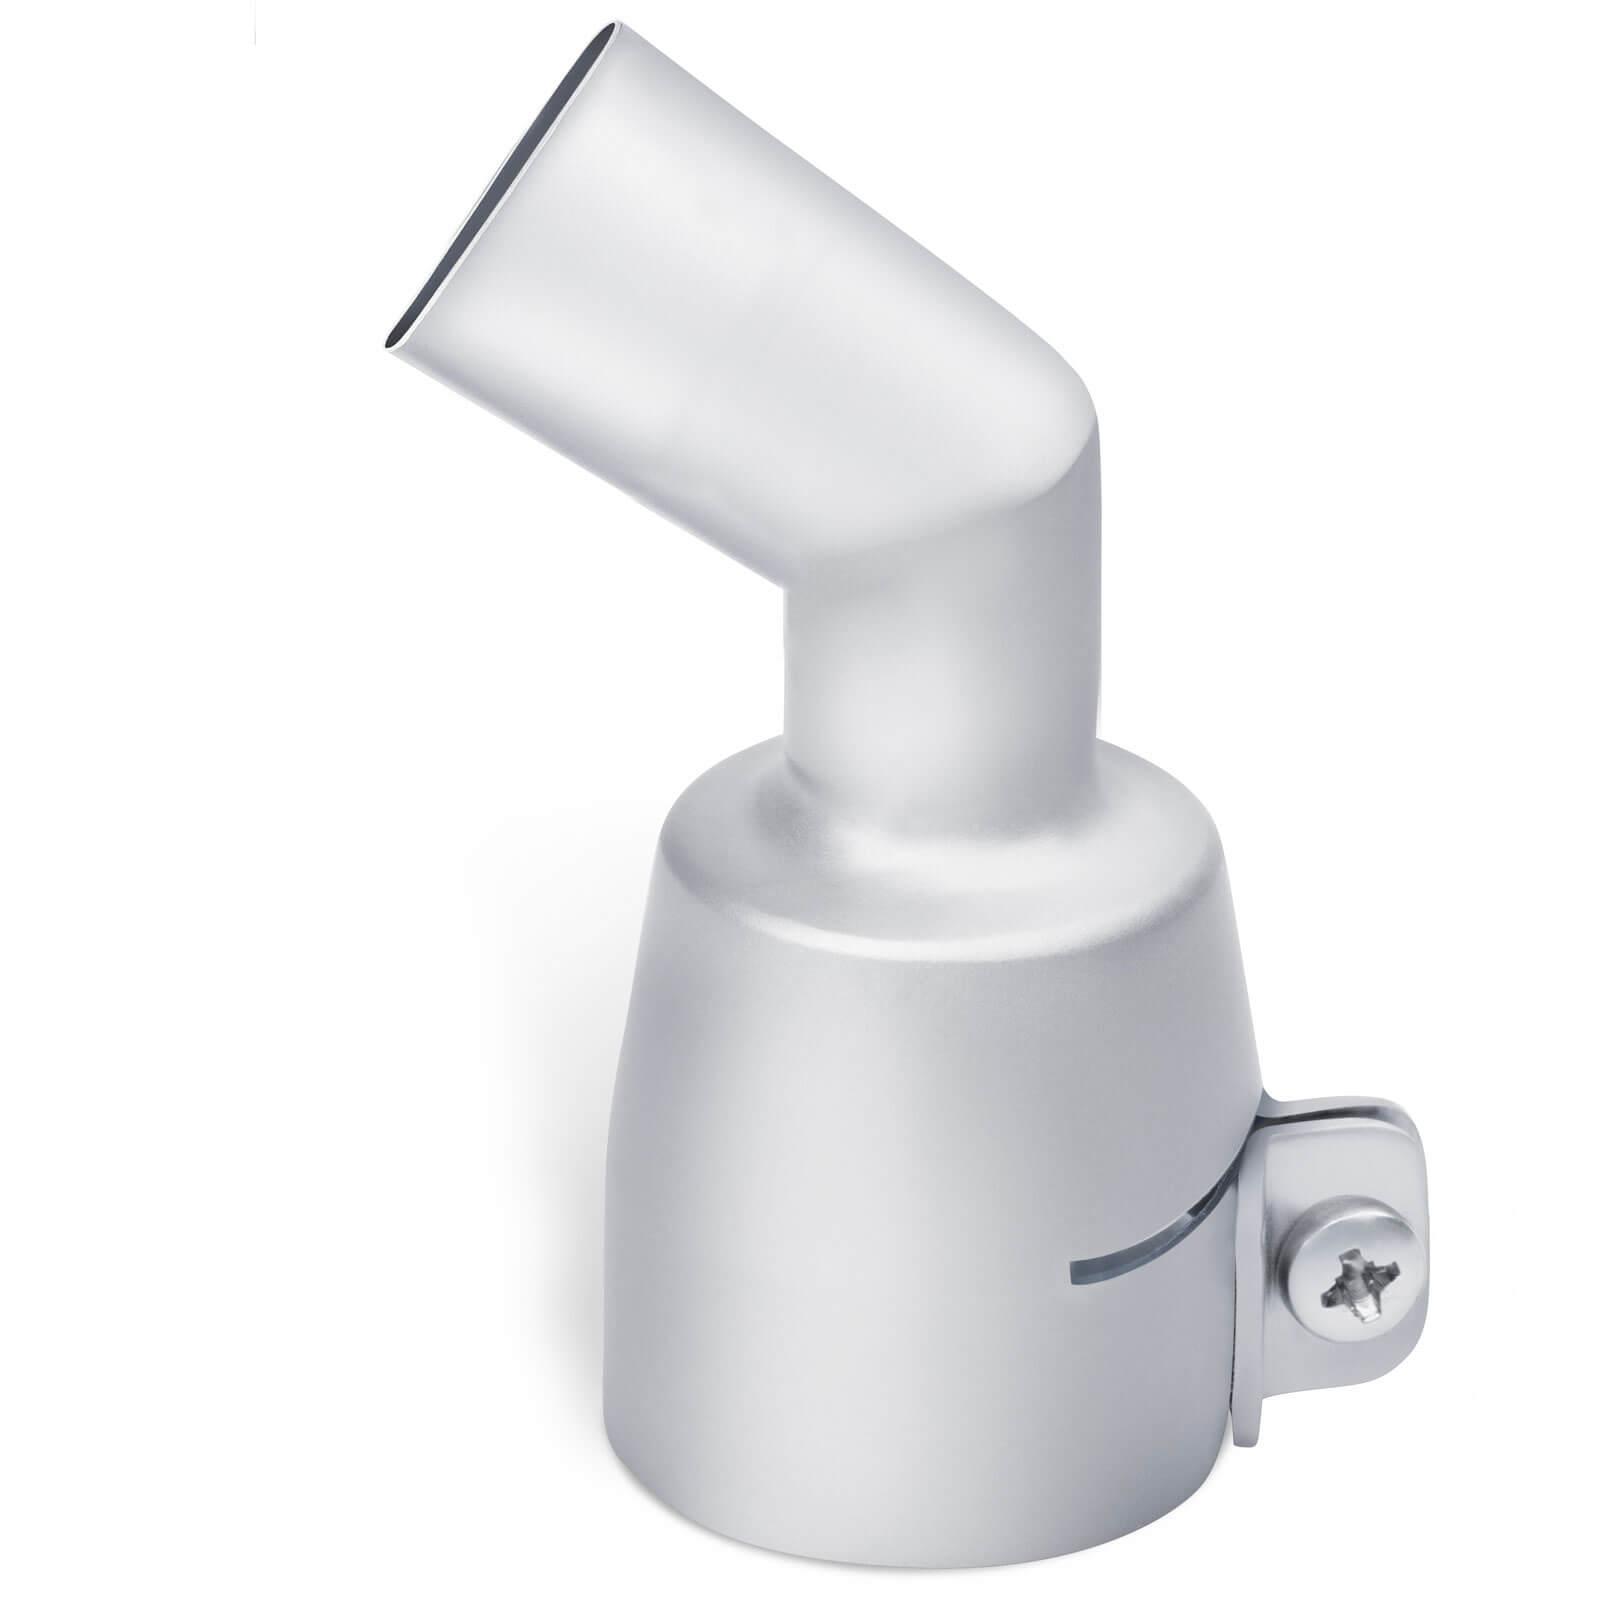 Image of Steinel 30mm 60 Degree Flat Angled Nozzle for HG 2300 EM, 2420 E, 2620 E, 2520 E & 4000 E 30mm